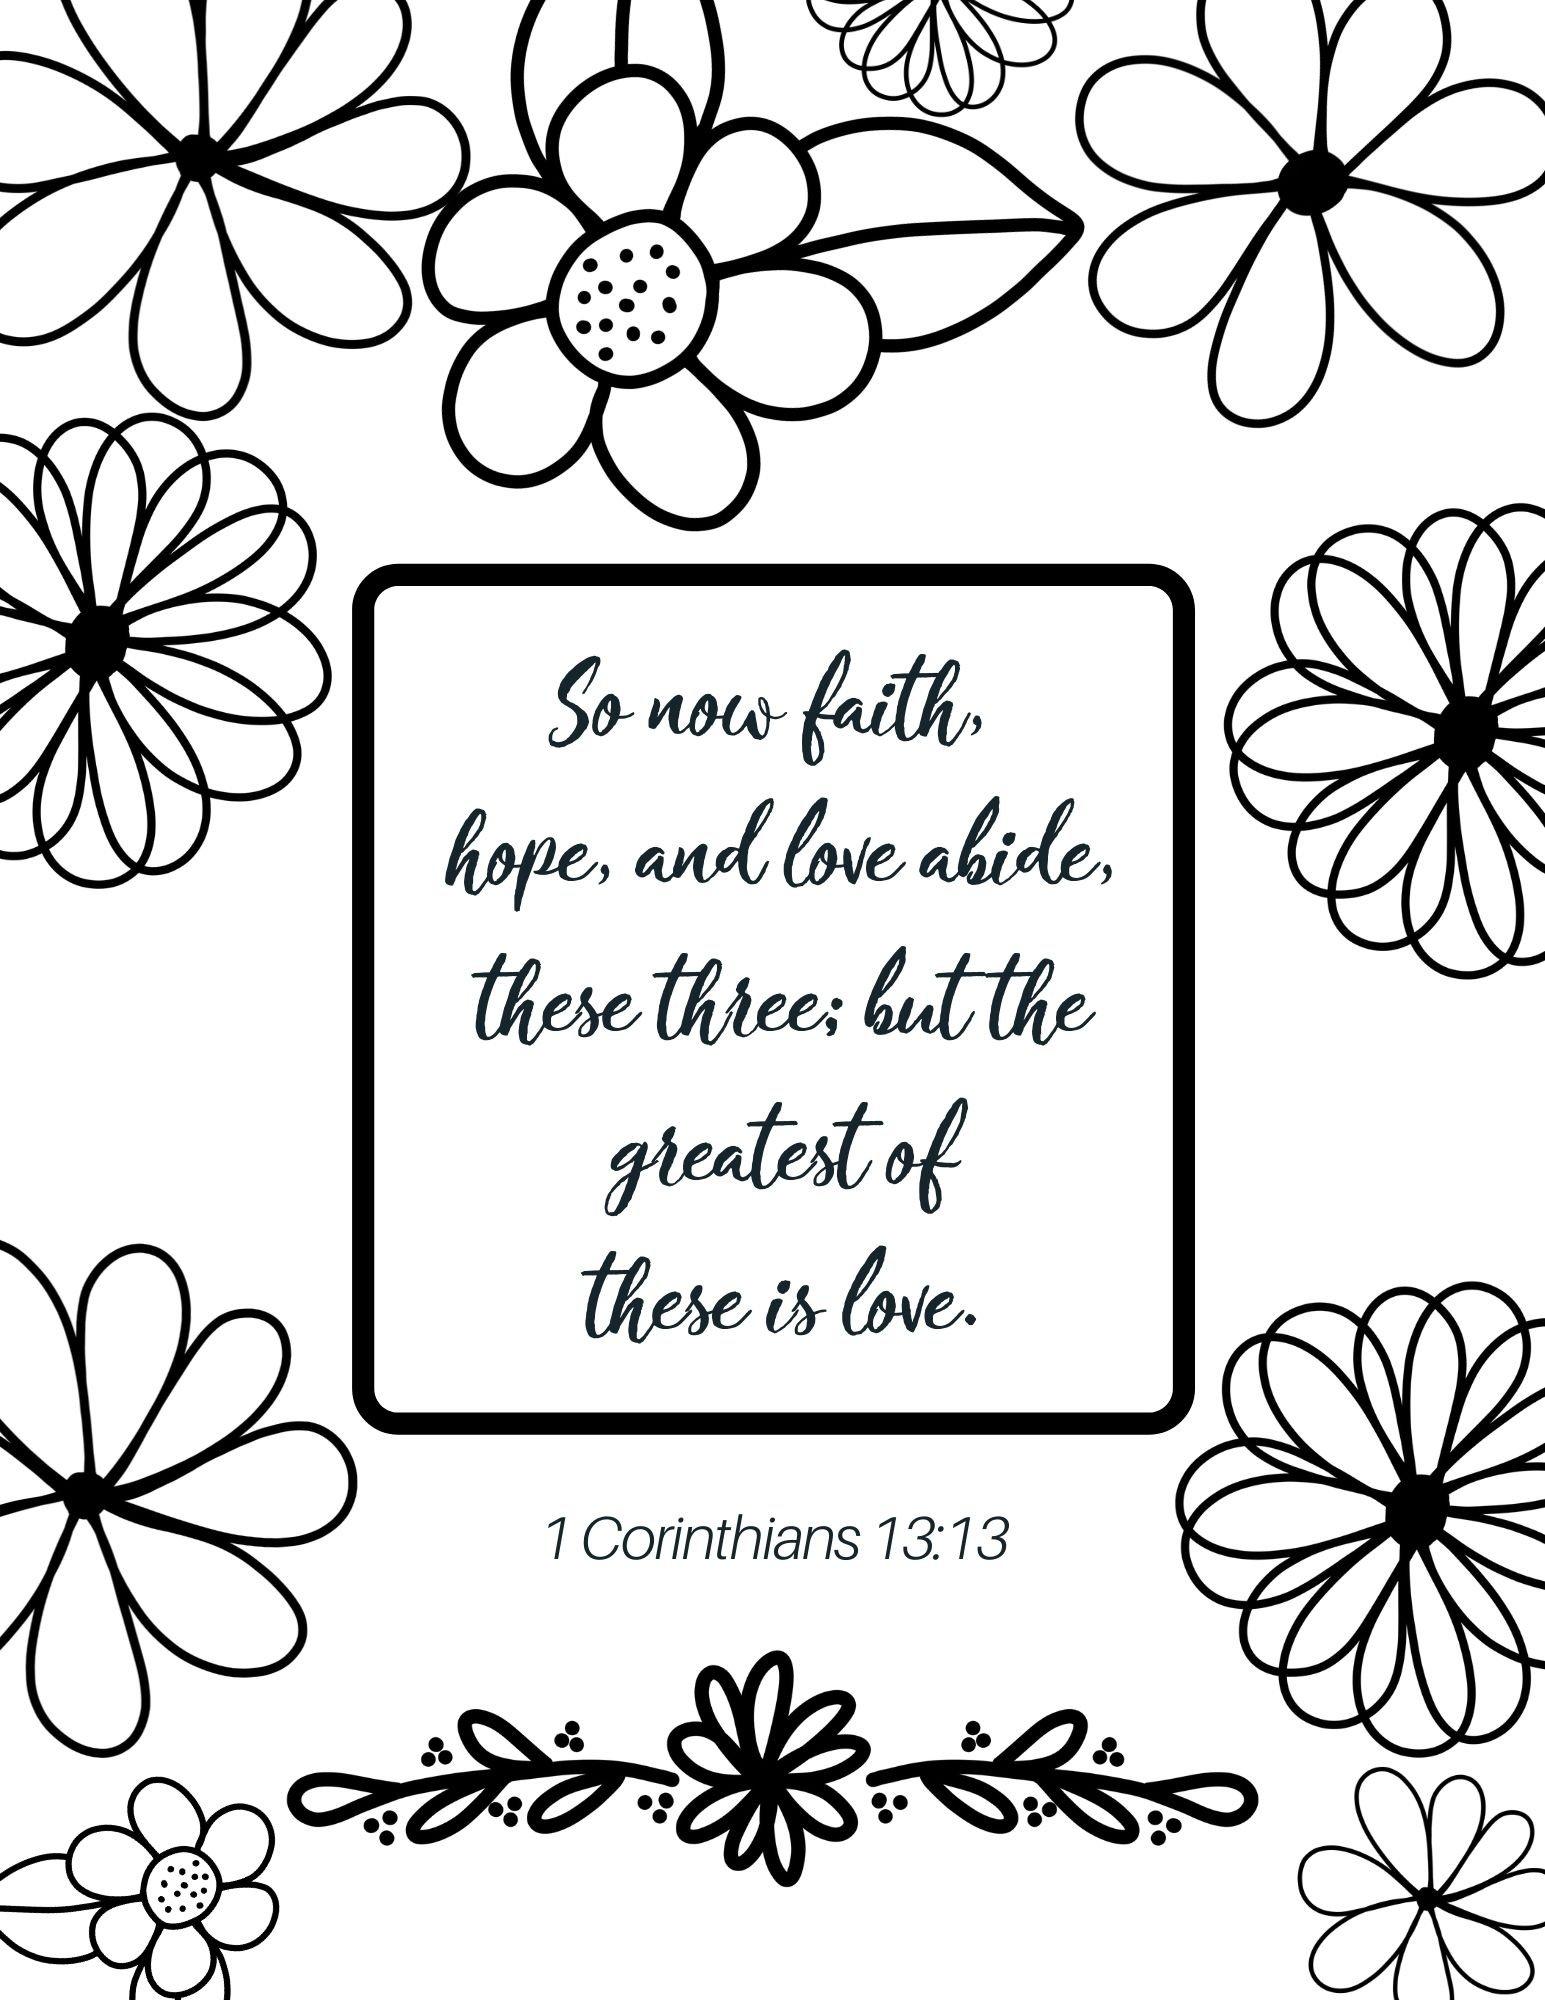 Bibel-verse-coloring-page-3